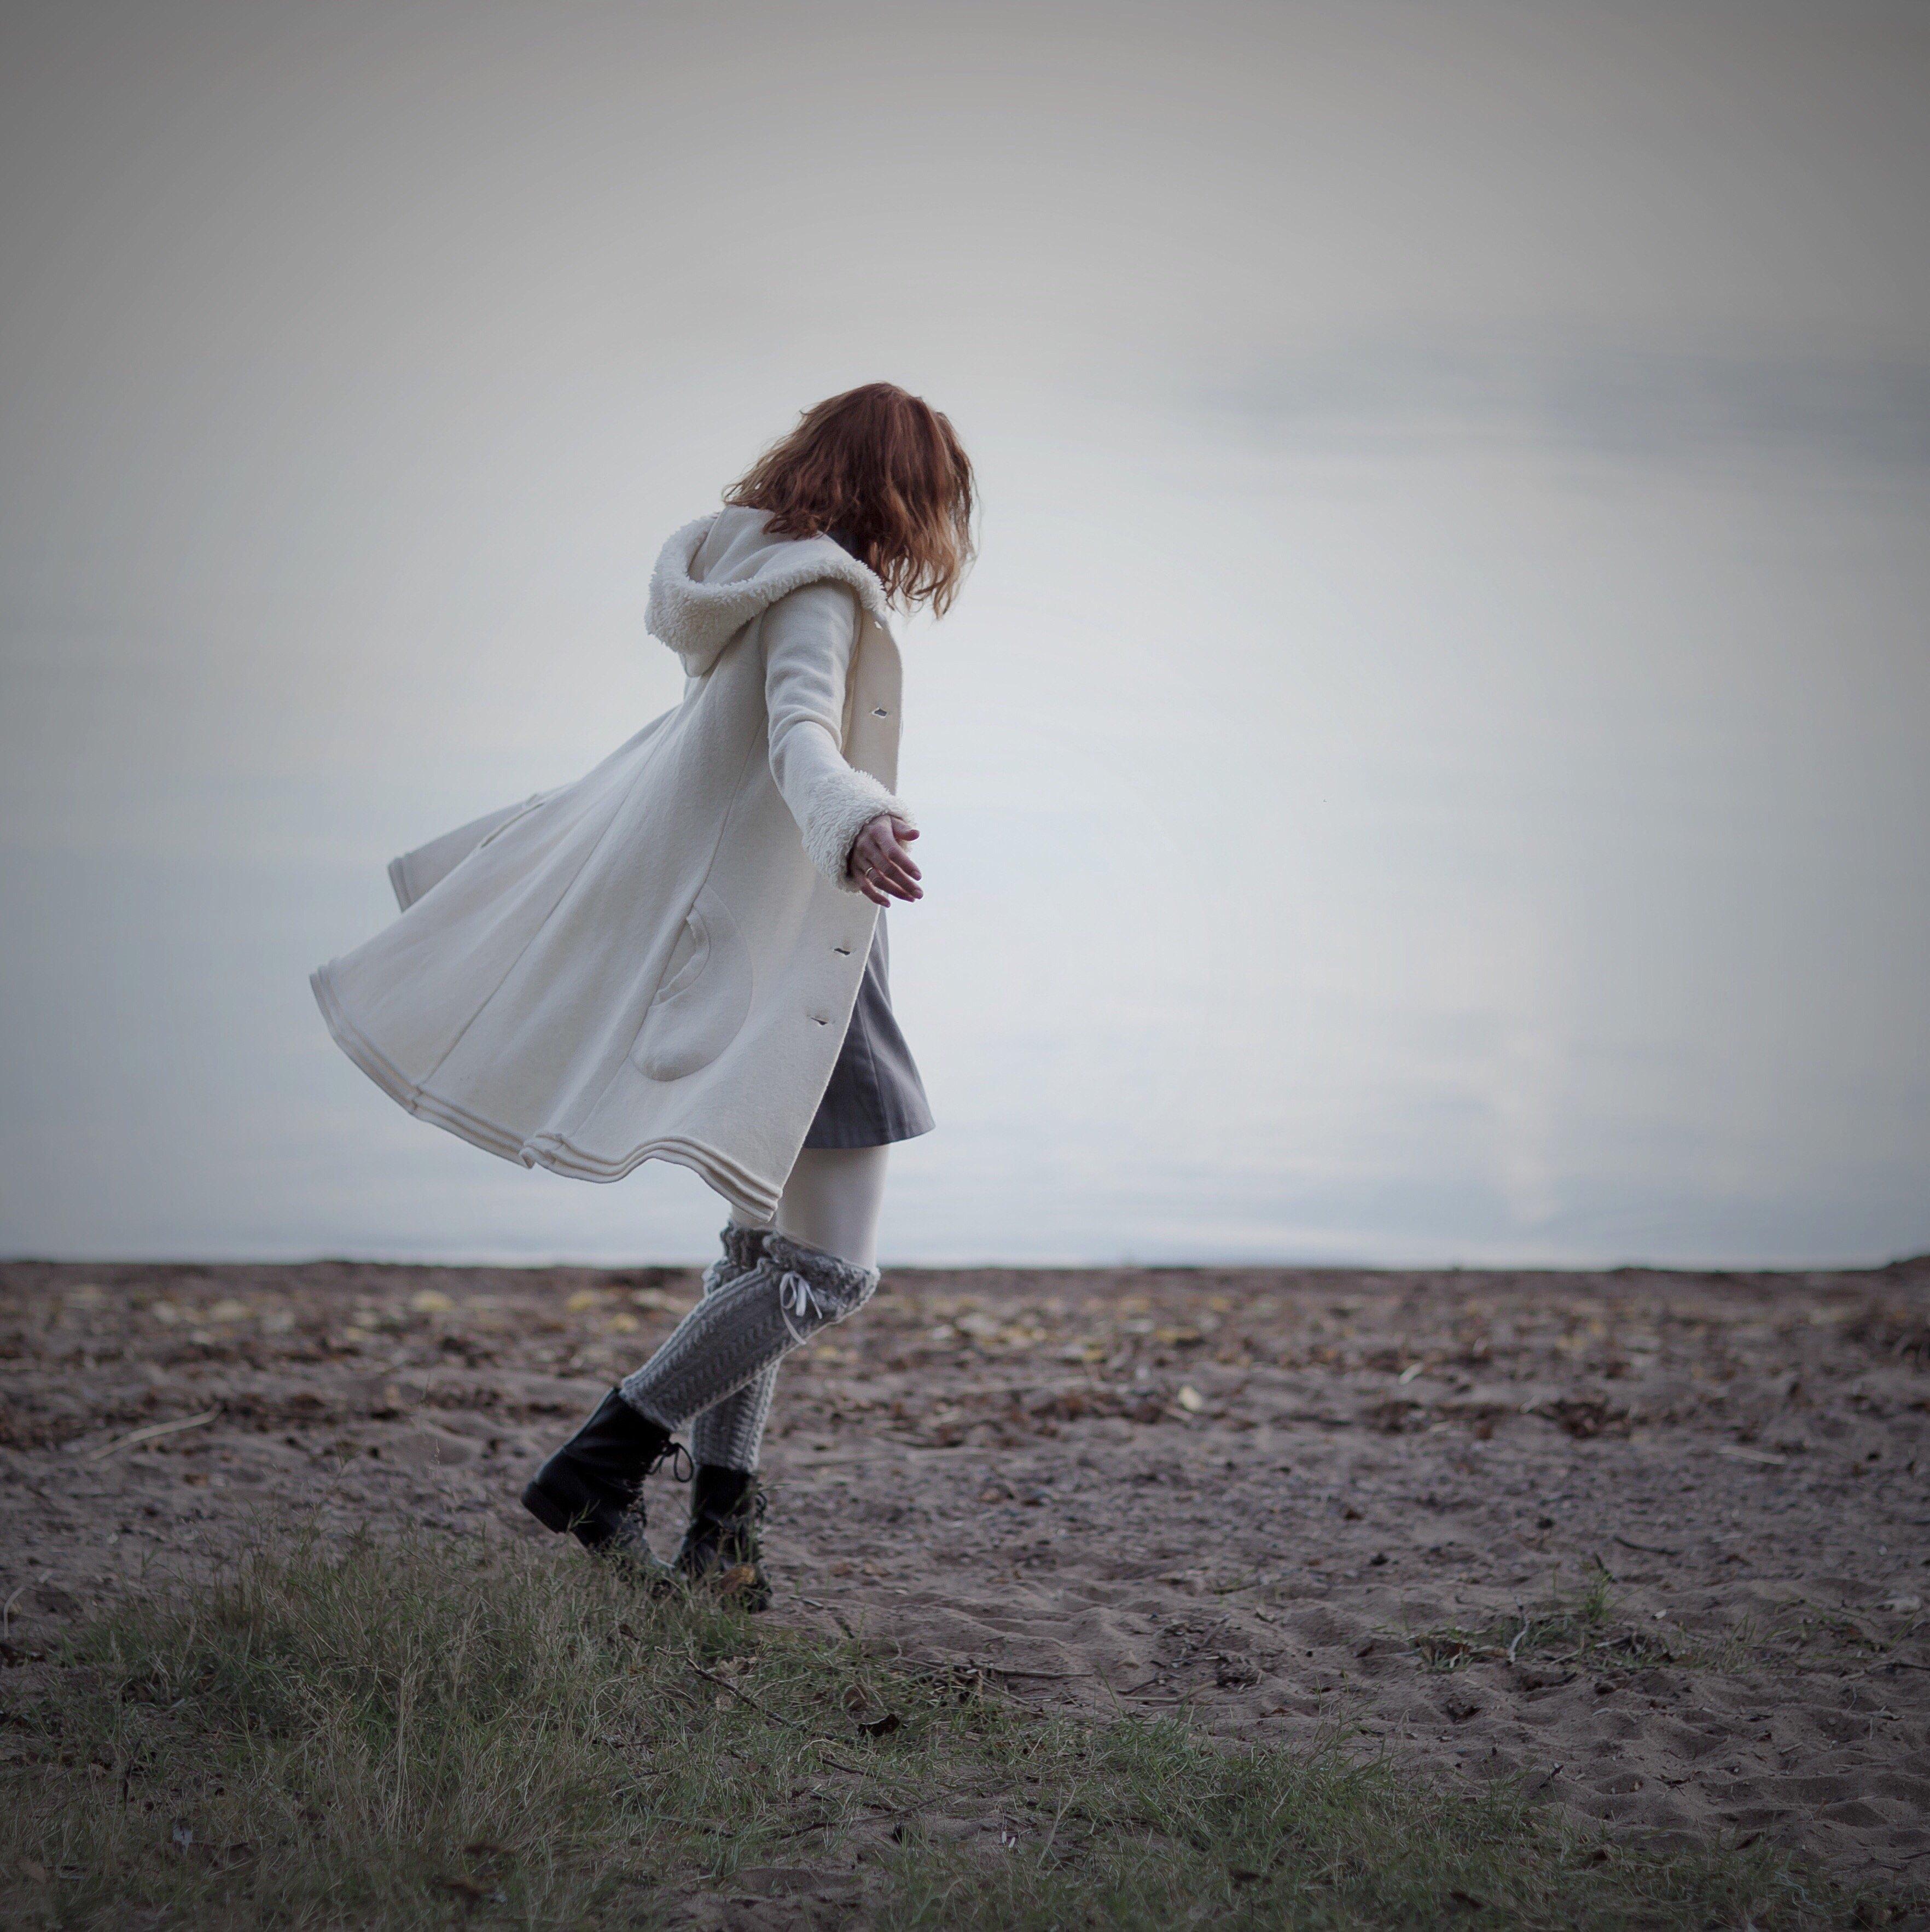 Mulher andando em gramado usando sobretudo e botas